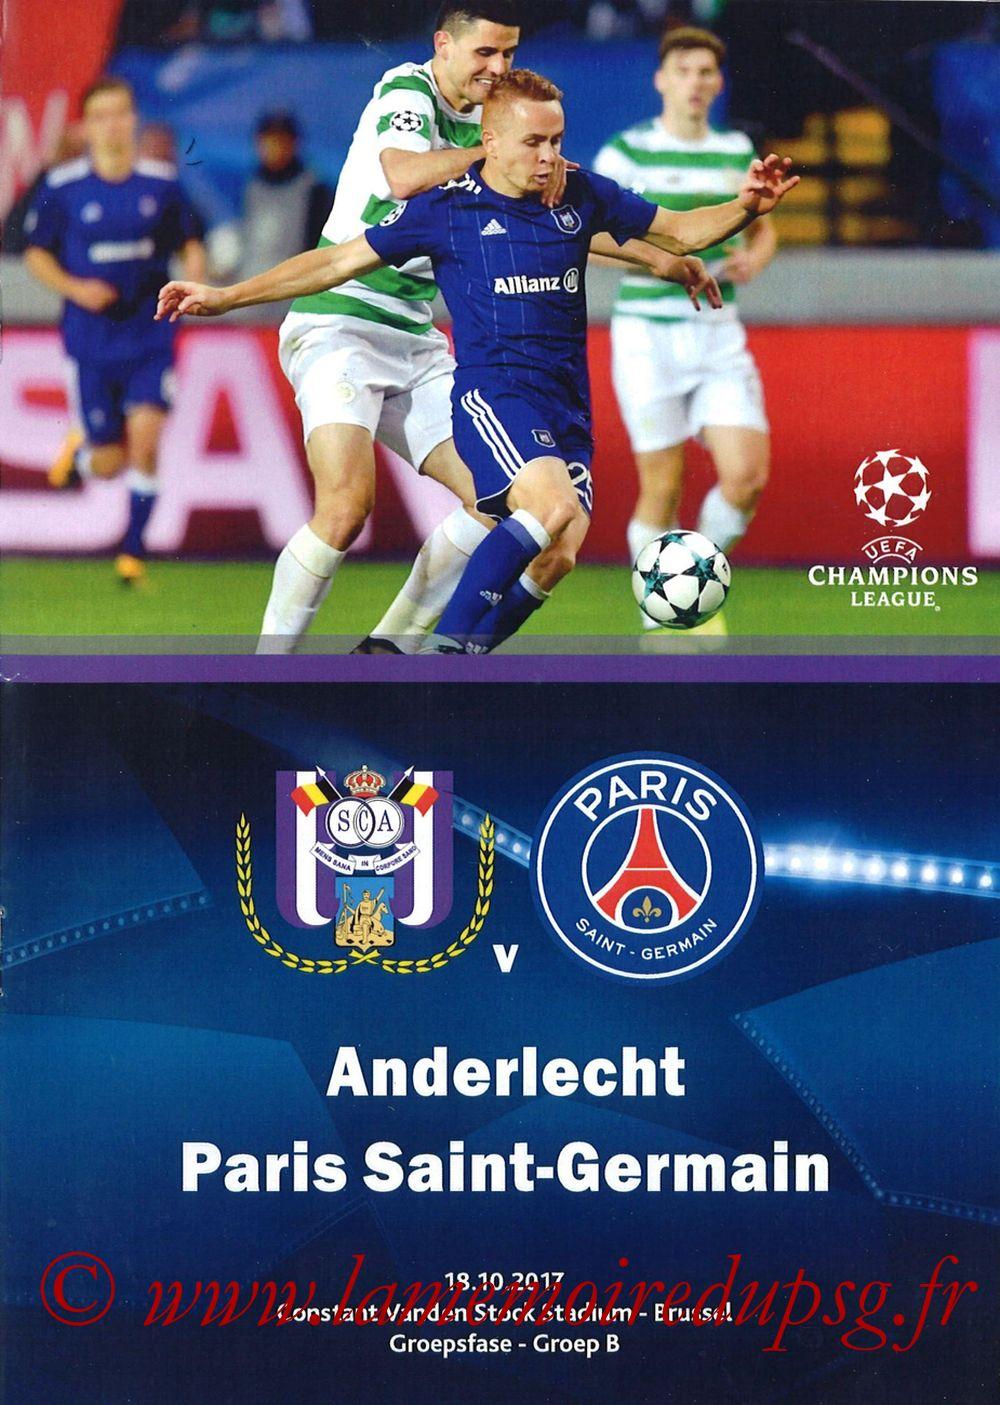 2017-10-18  Anderlecht-PSG (3ème Poule C1, Programme pirate)